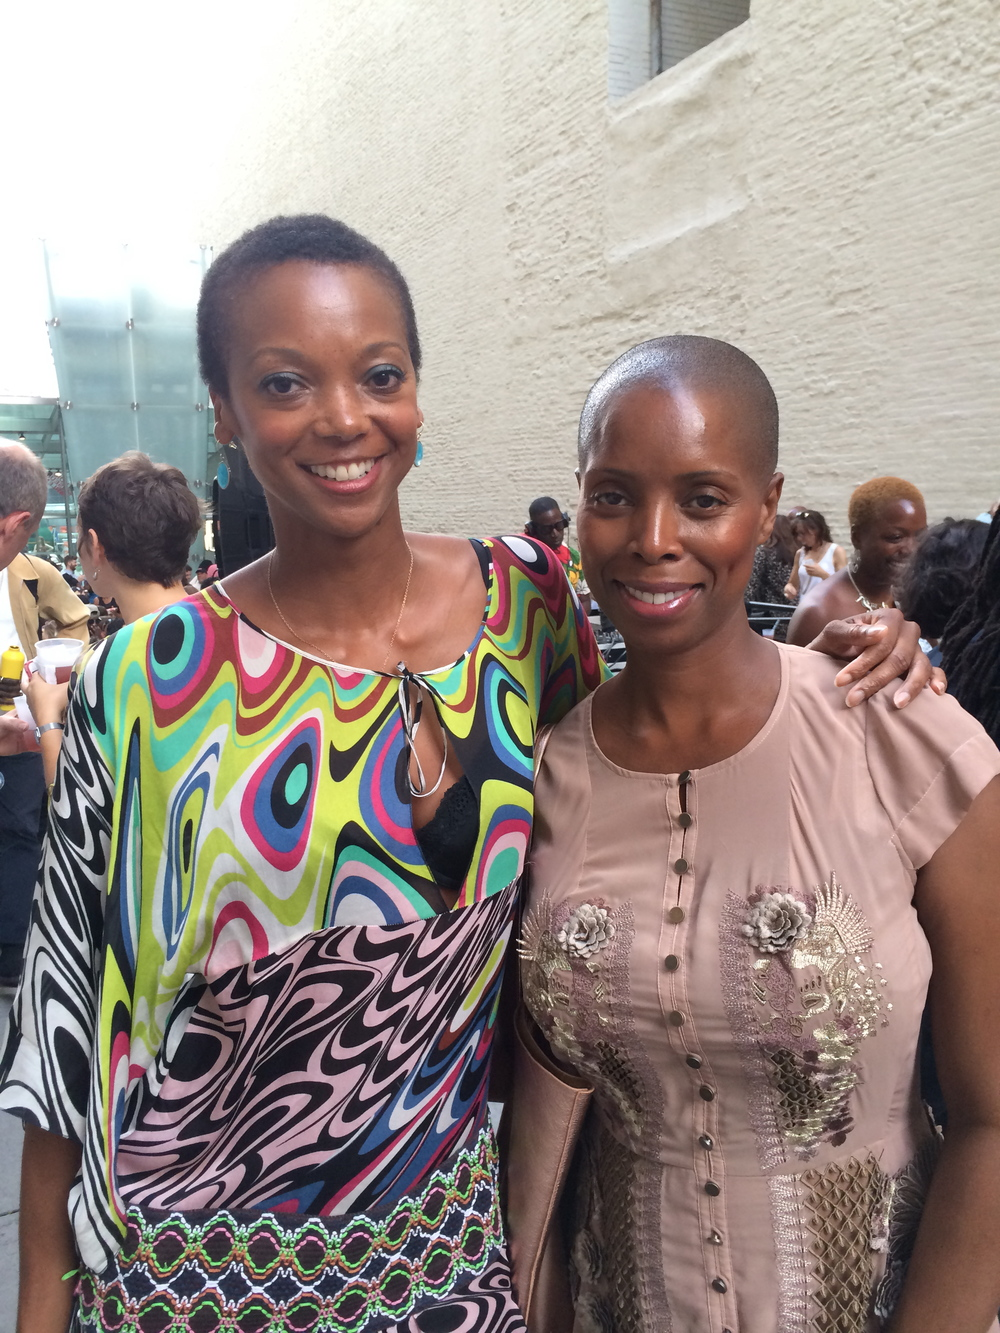 With Sidra Smith, Tasha Smith's twin.